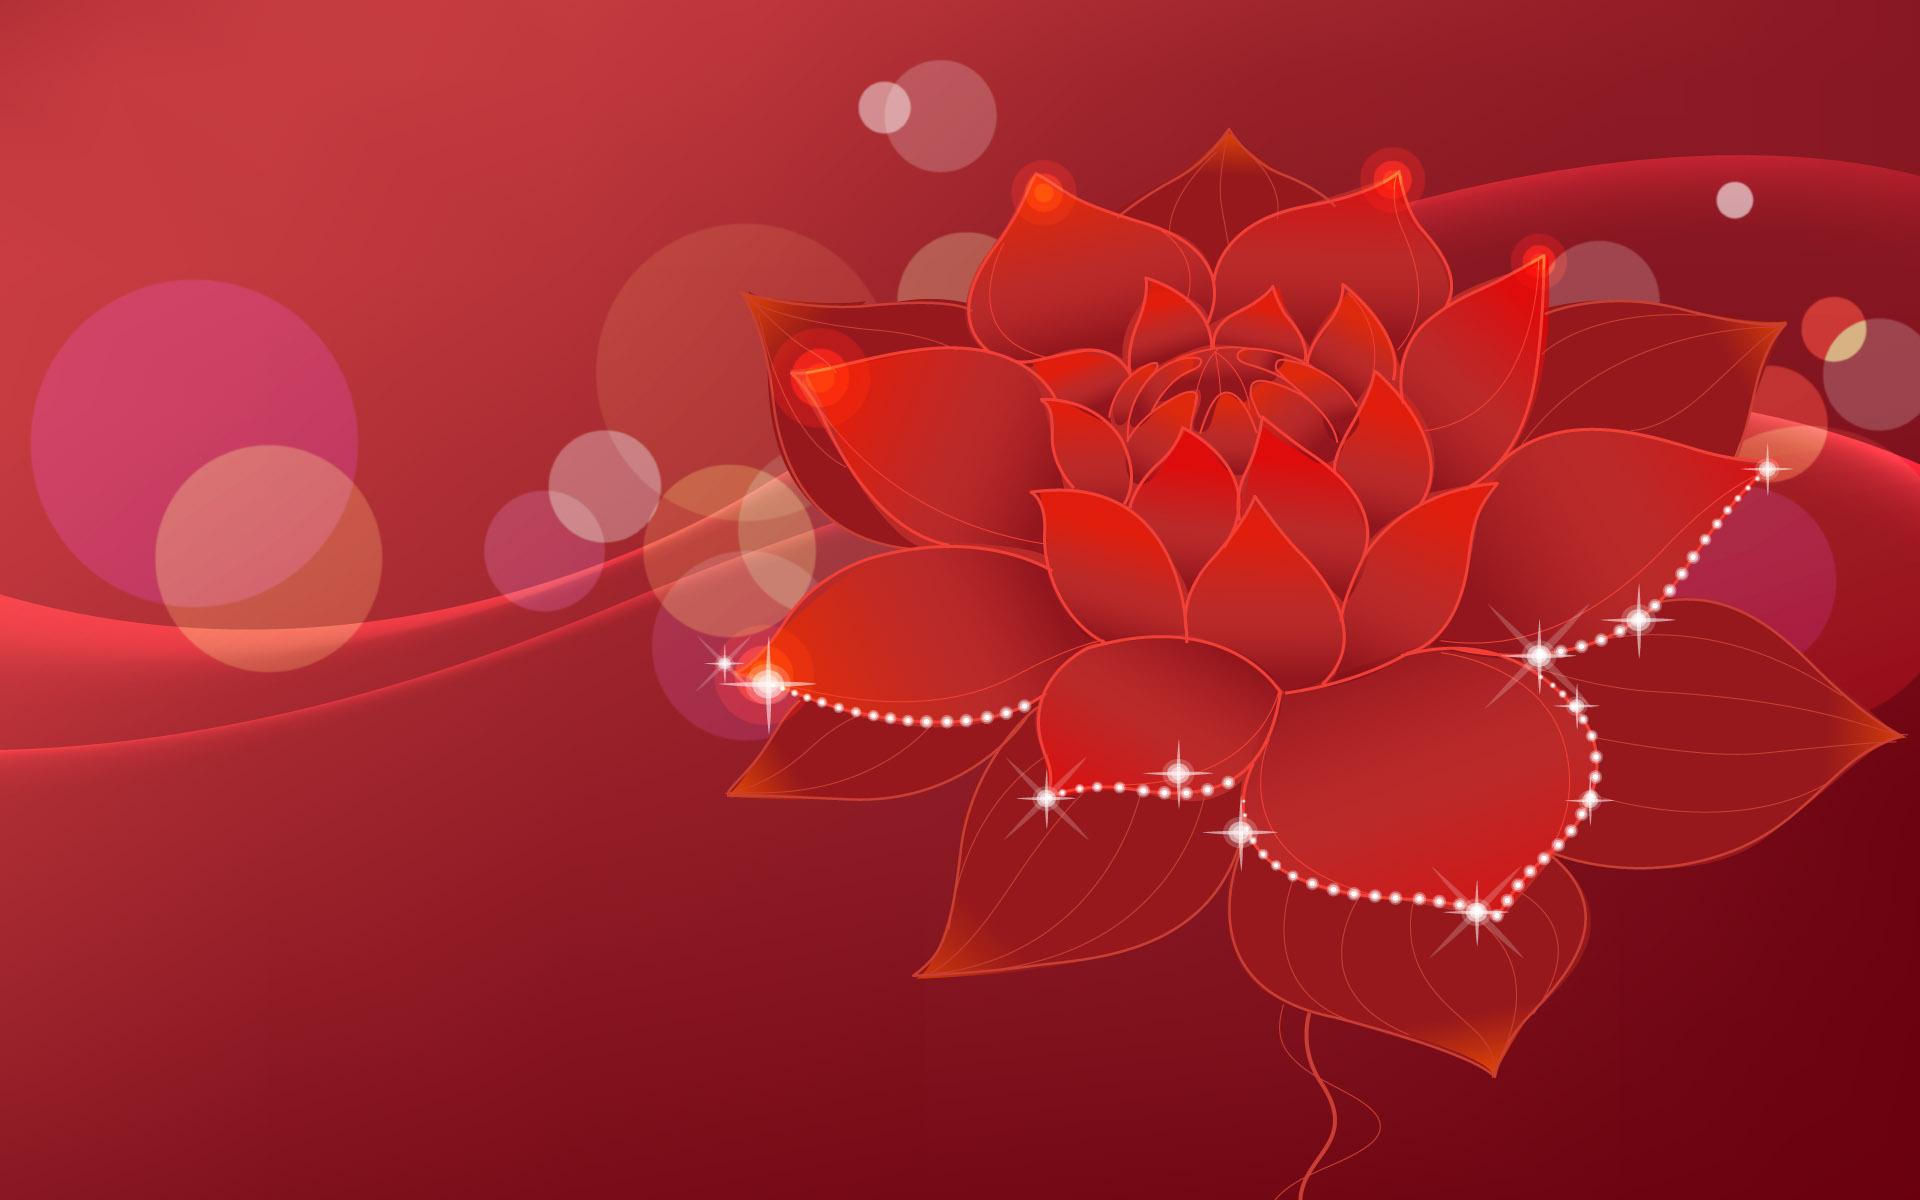 Red flower background 9 desktop background hdflowerwallpaper red flower background widescreen wallpaper mightylinksfo